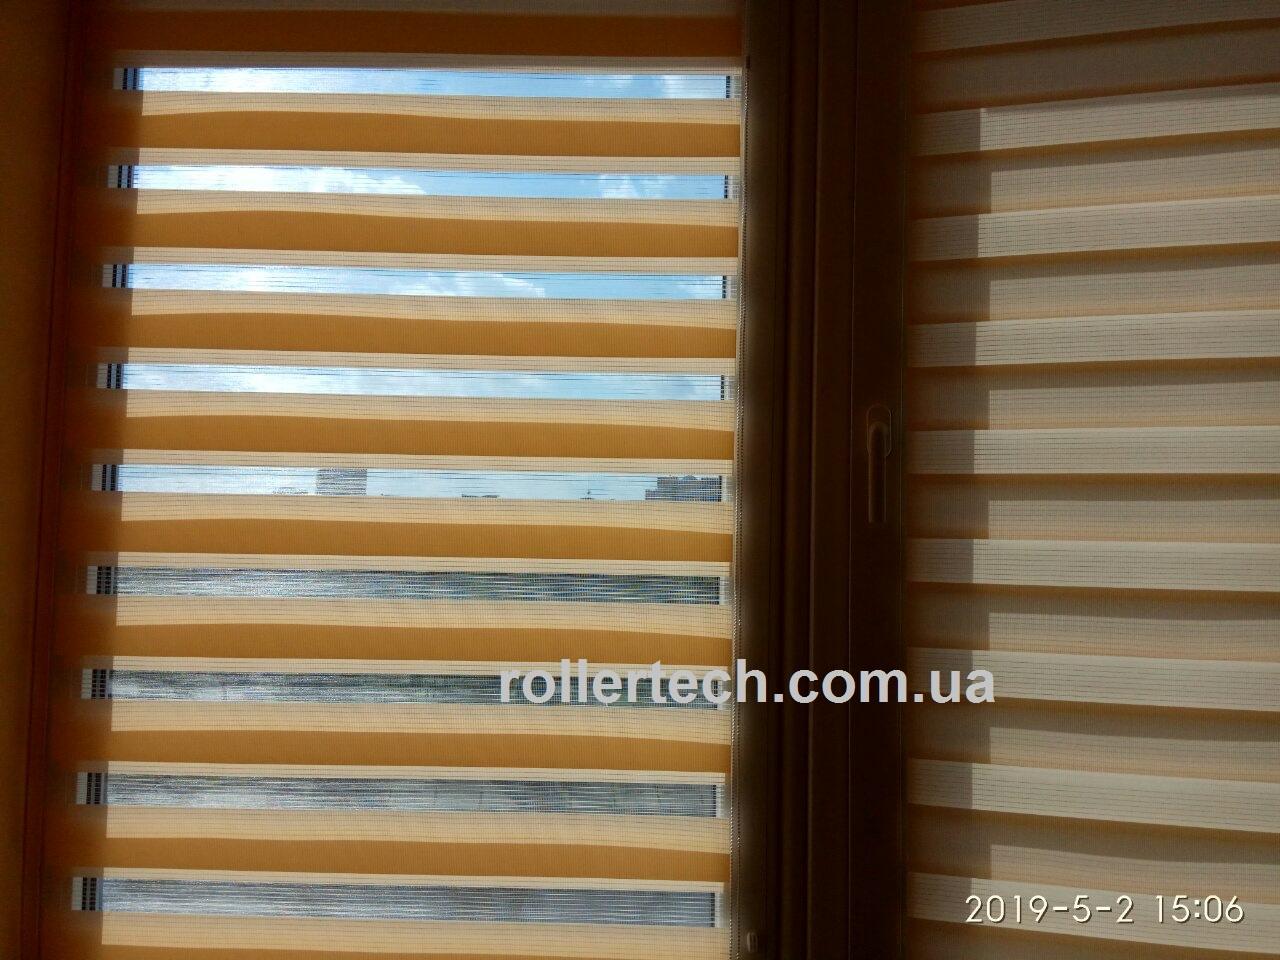 рулонные шторы зебра соната